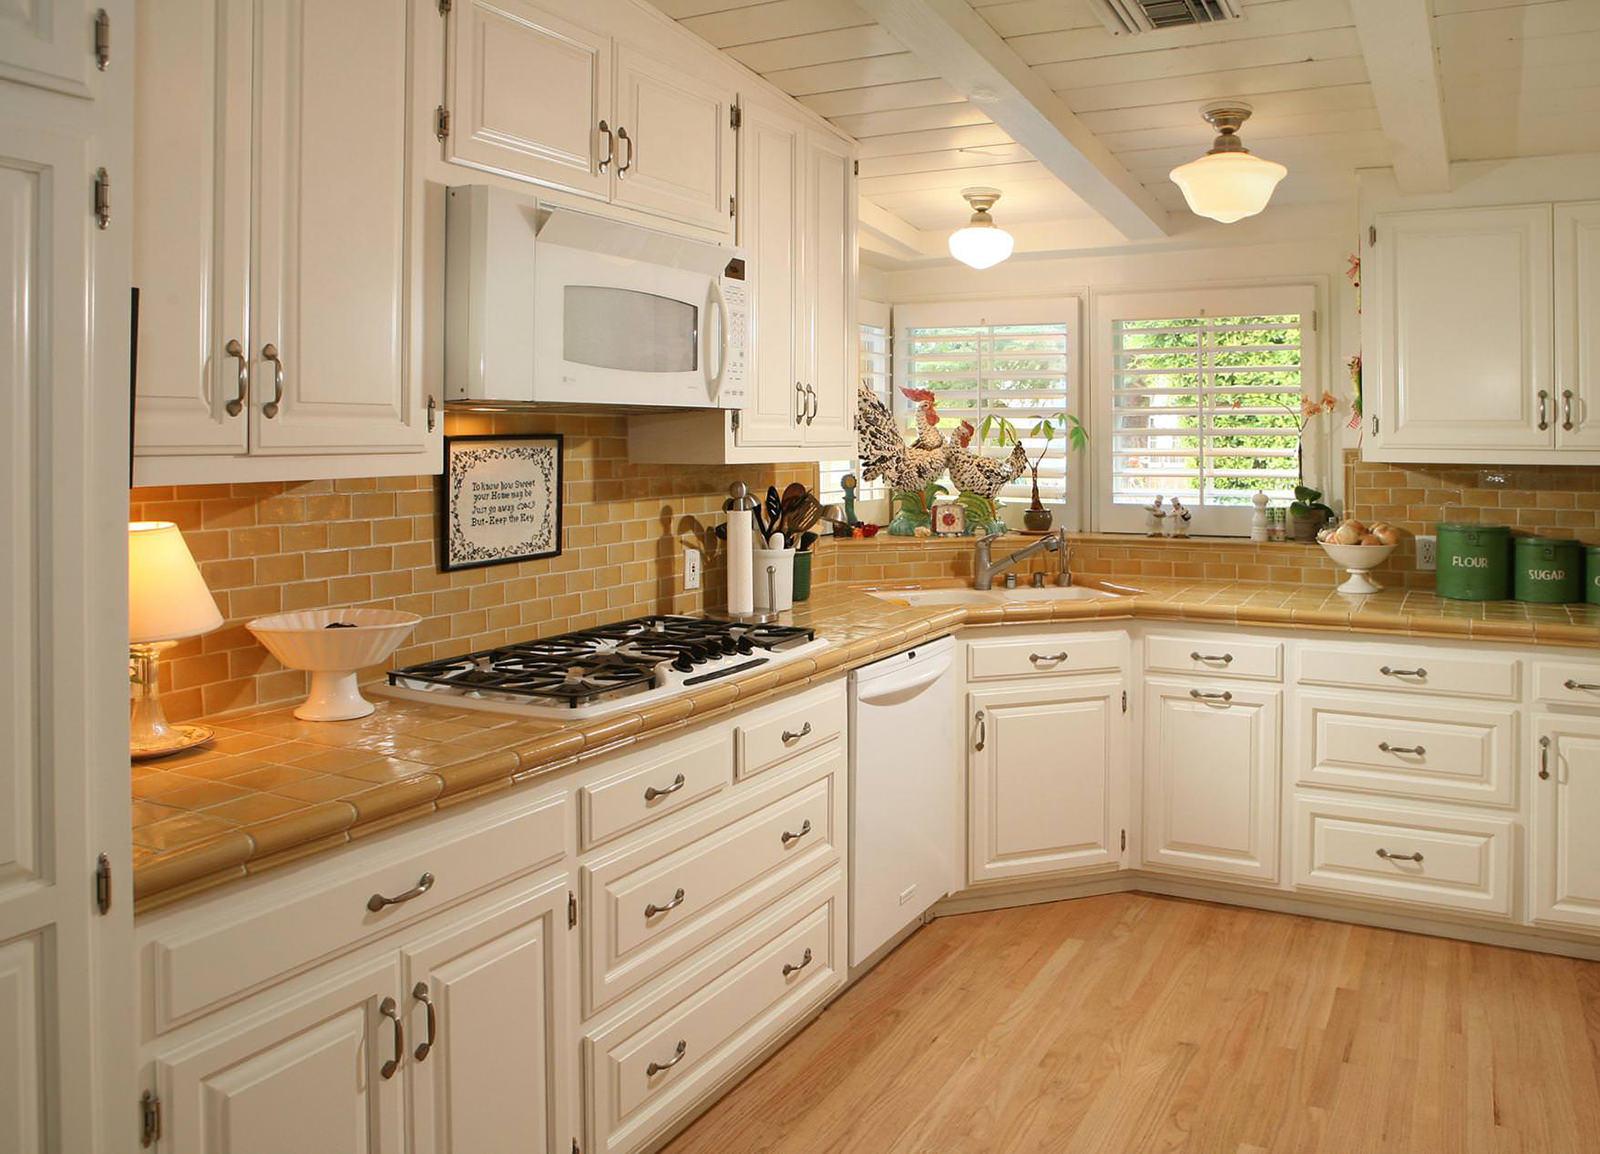 Г-образная расстановка мебели в угловой кухне